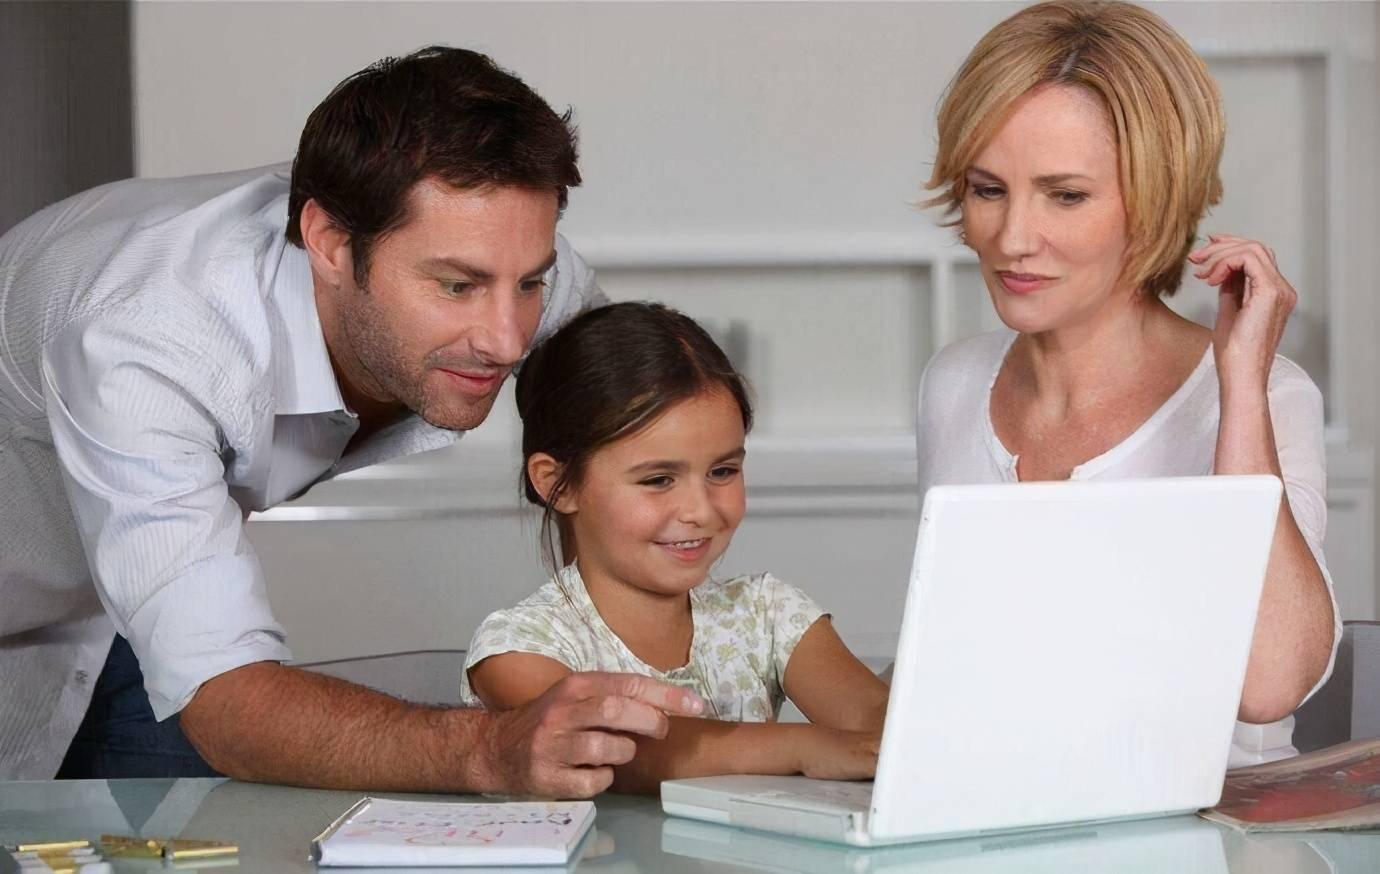 初中成绩下滑,三个原因要知晓,往往是堕落的开始,父母须严管  第8张